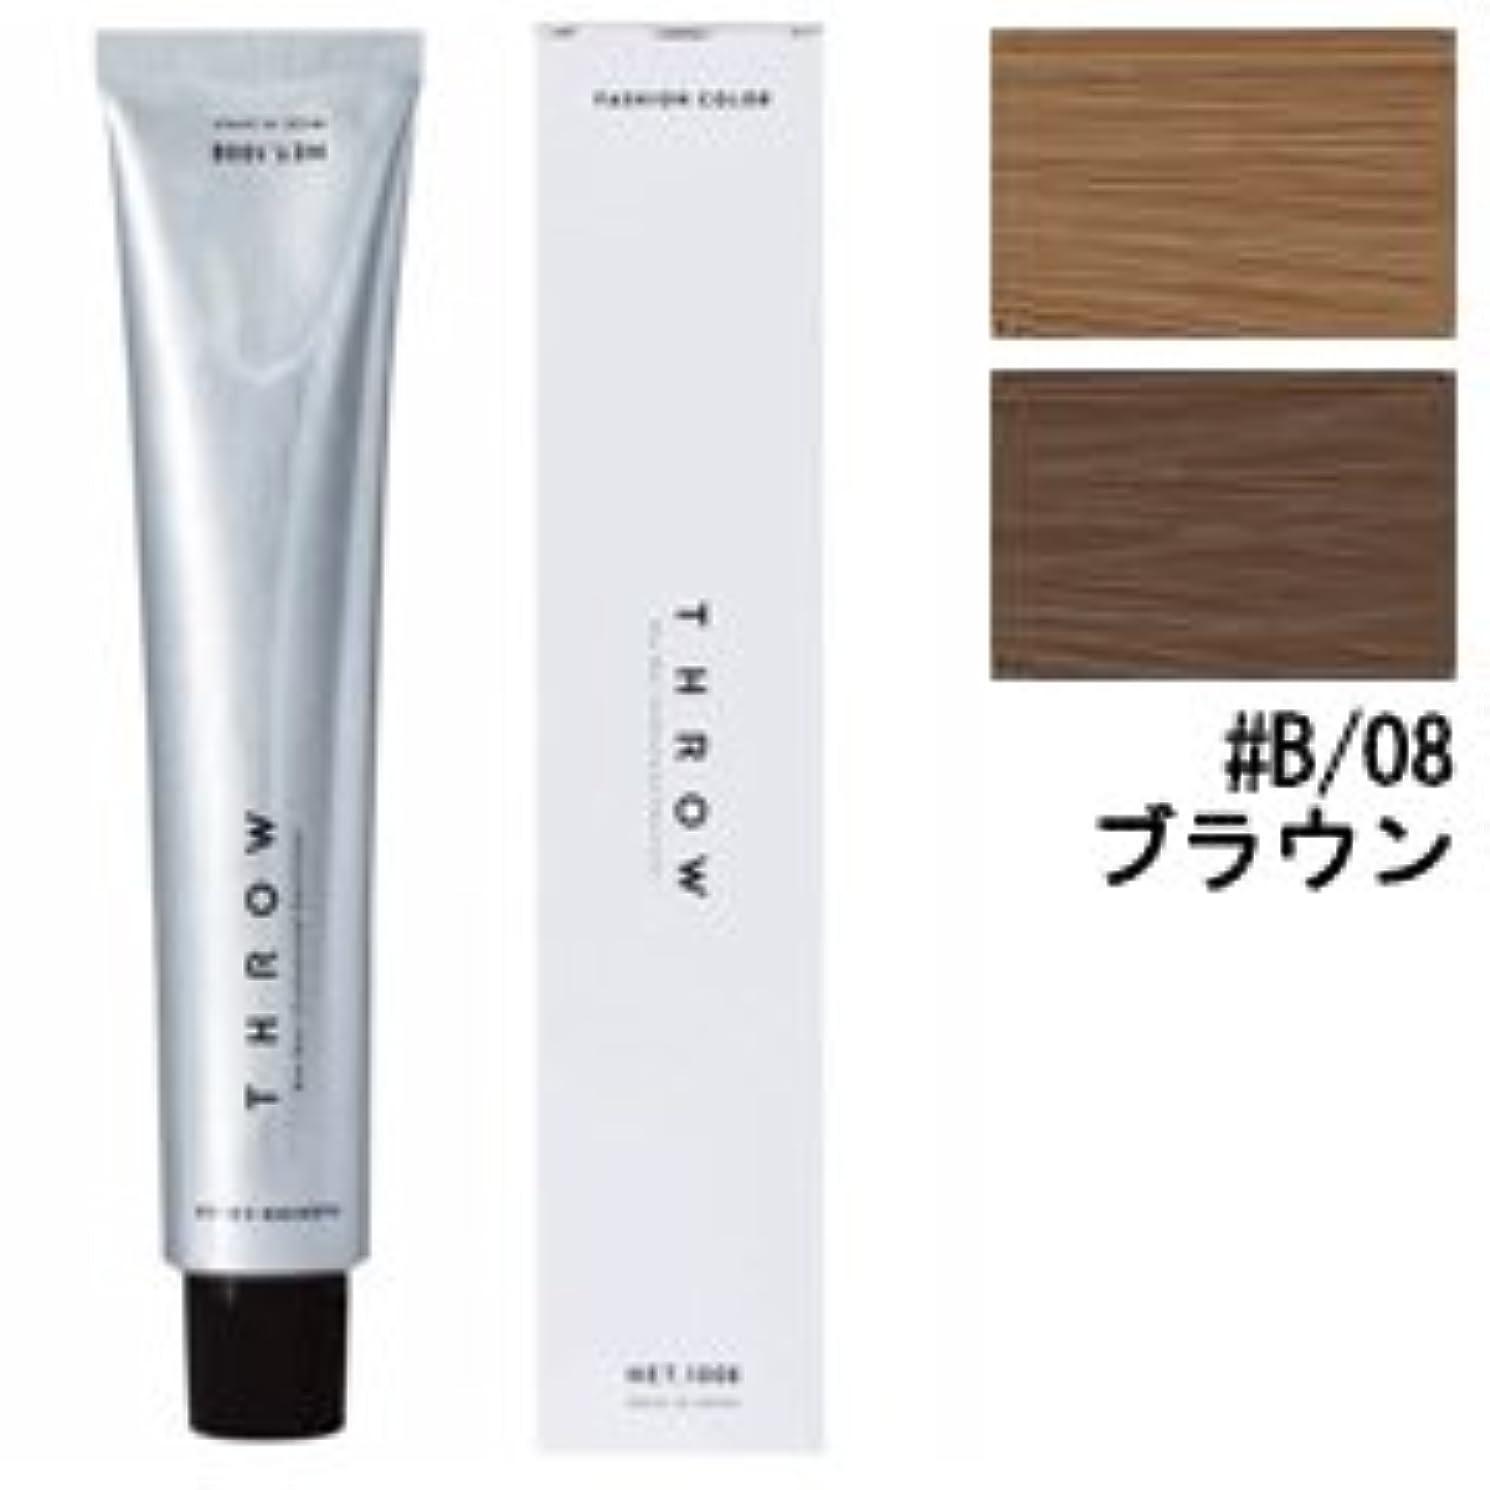 連続的によって嫌な【モルトベーネ】スロウ ファッションカラー #B/08 ブラウン 100g